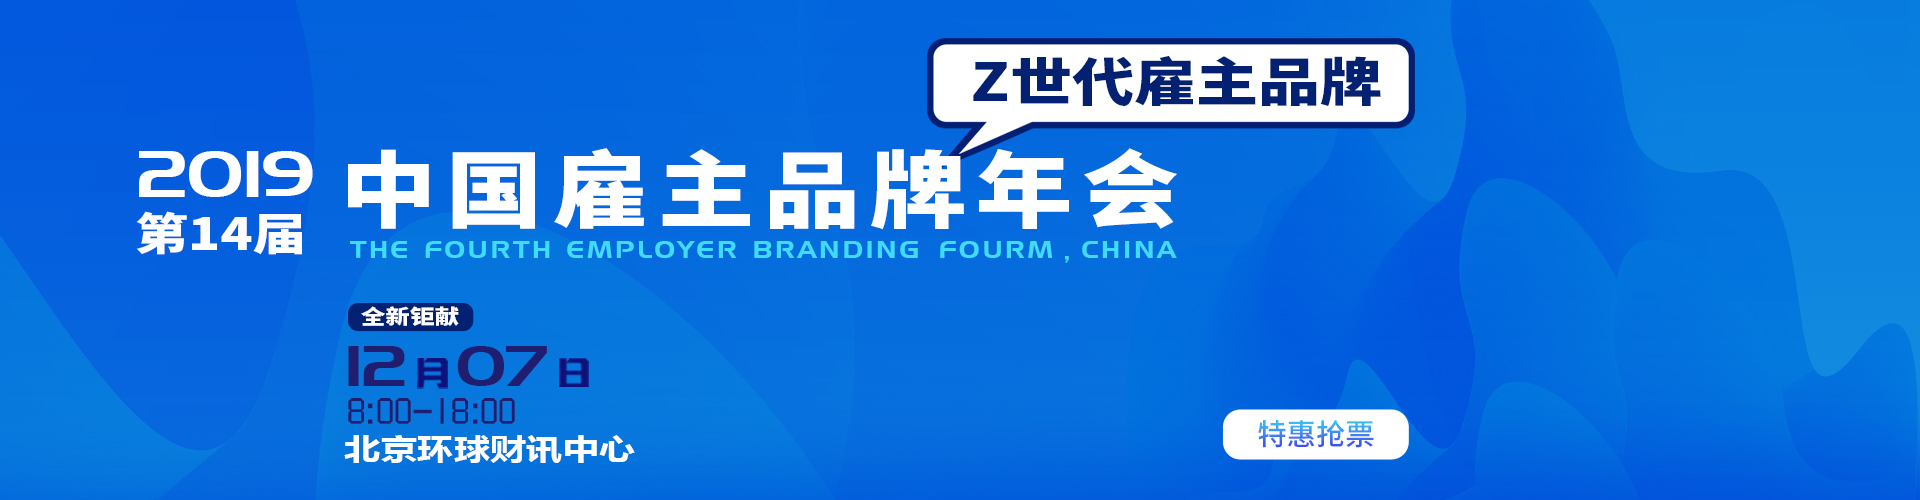 第十四届中国雇主品牌年会暨2019年度颁奖盛典